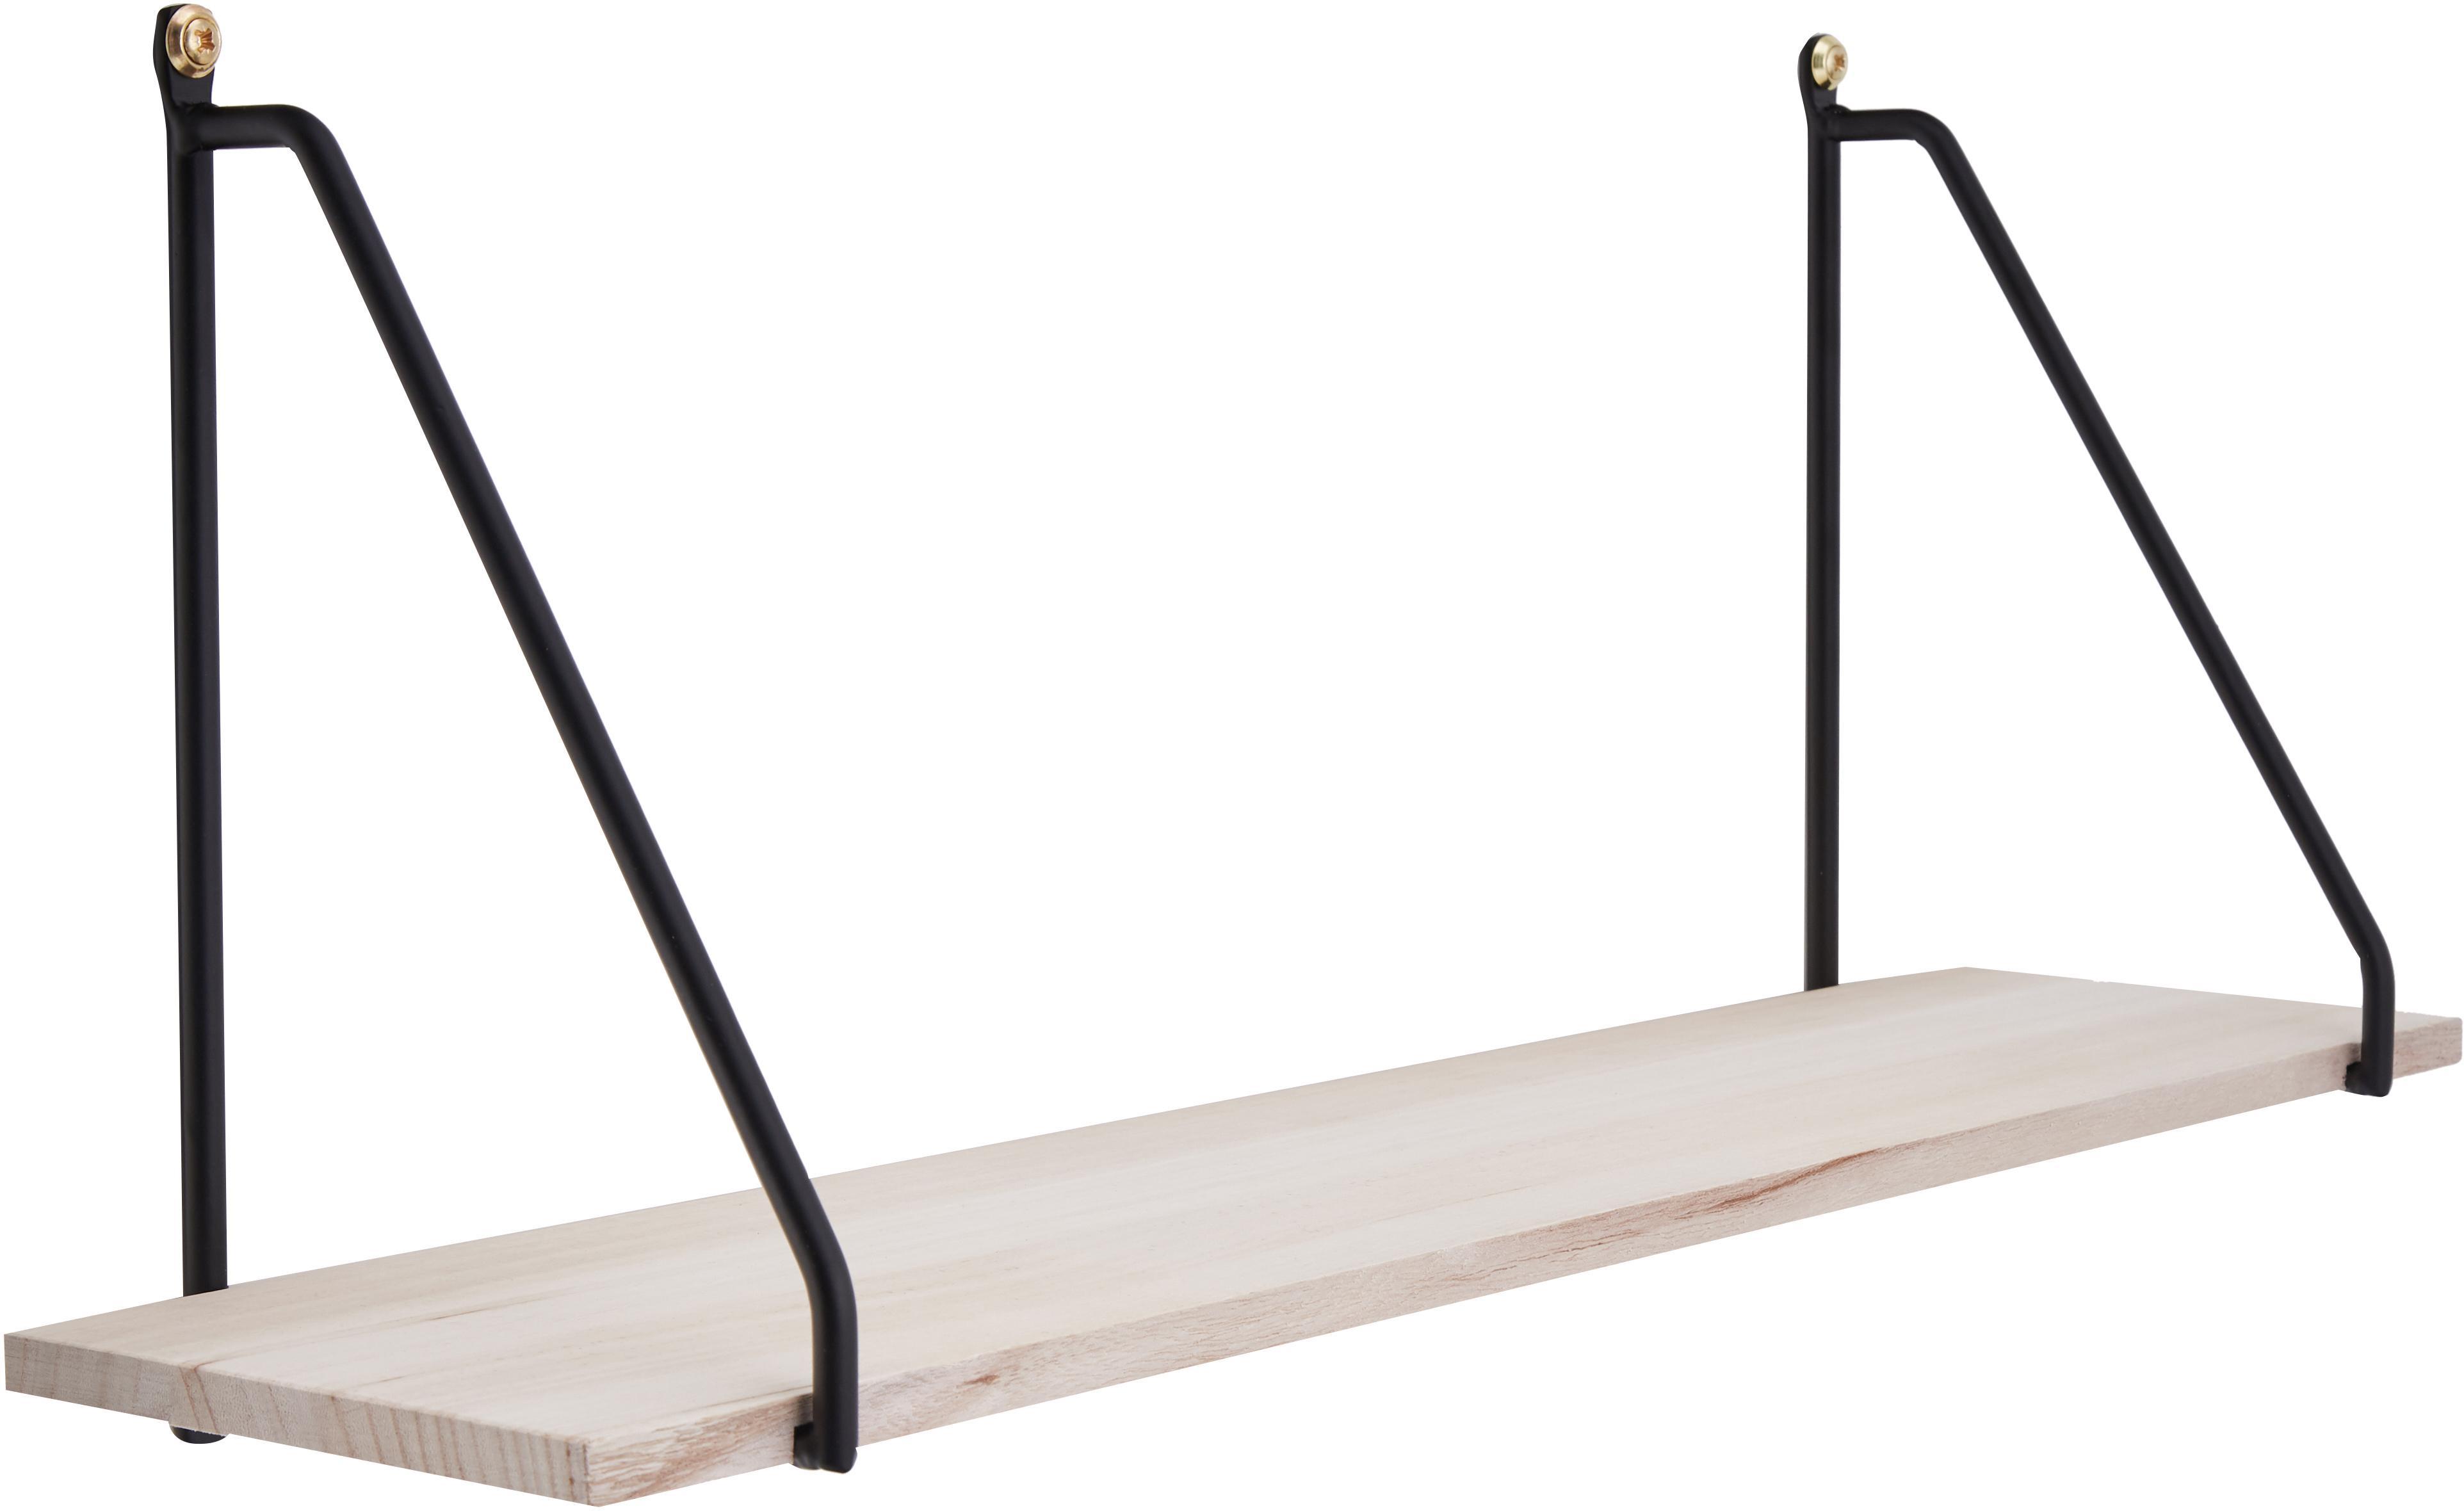 Wandregal Arnhem aus Metall und Holz, Gestell: Metall, pulverbeschichtet, Regalboden: Paulowniaholz, Schwarz, Braun, 65 x 27 cm